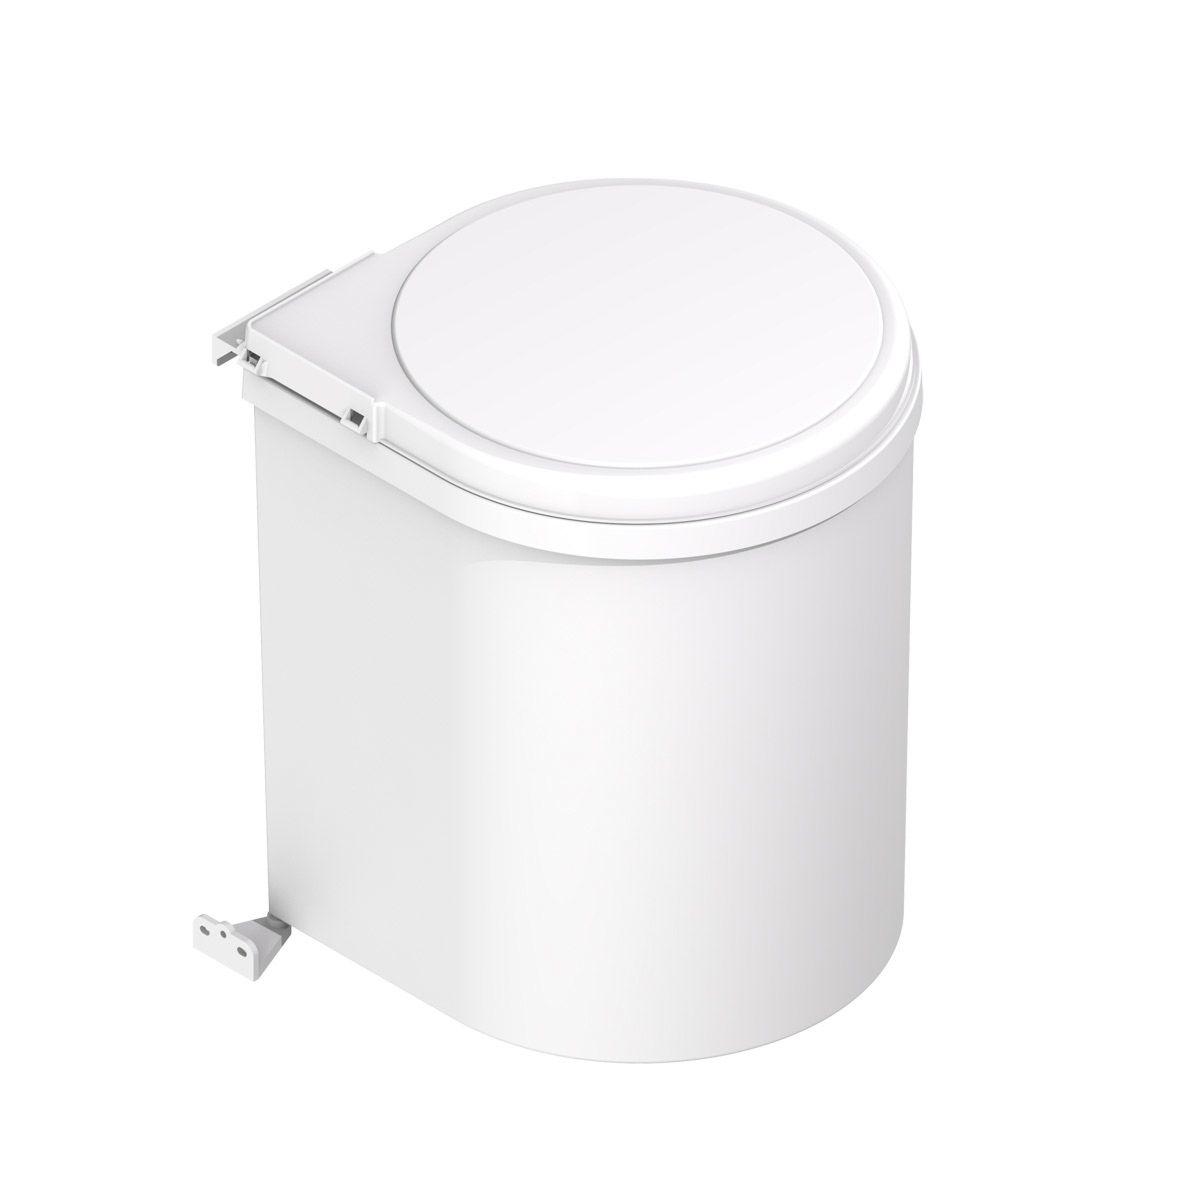 Cubo de basura redondo de 1 compartimento pivotante